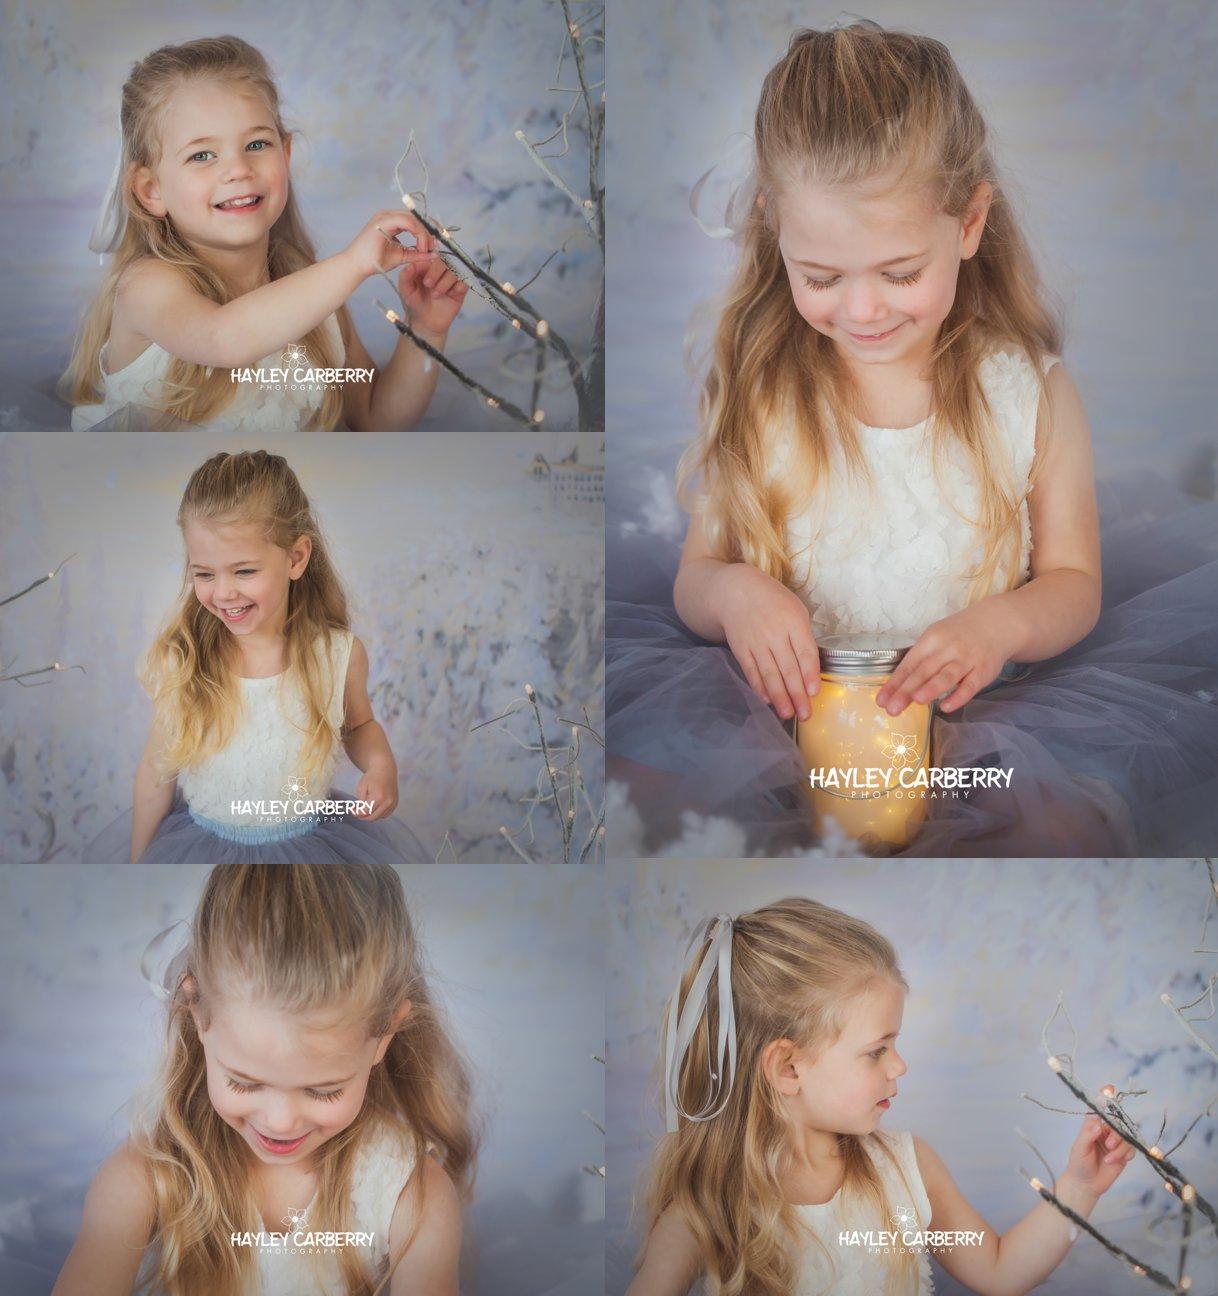 ChildrenFamilyBabynewbornchildphotographer-15_WEB.jpg